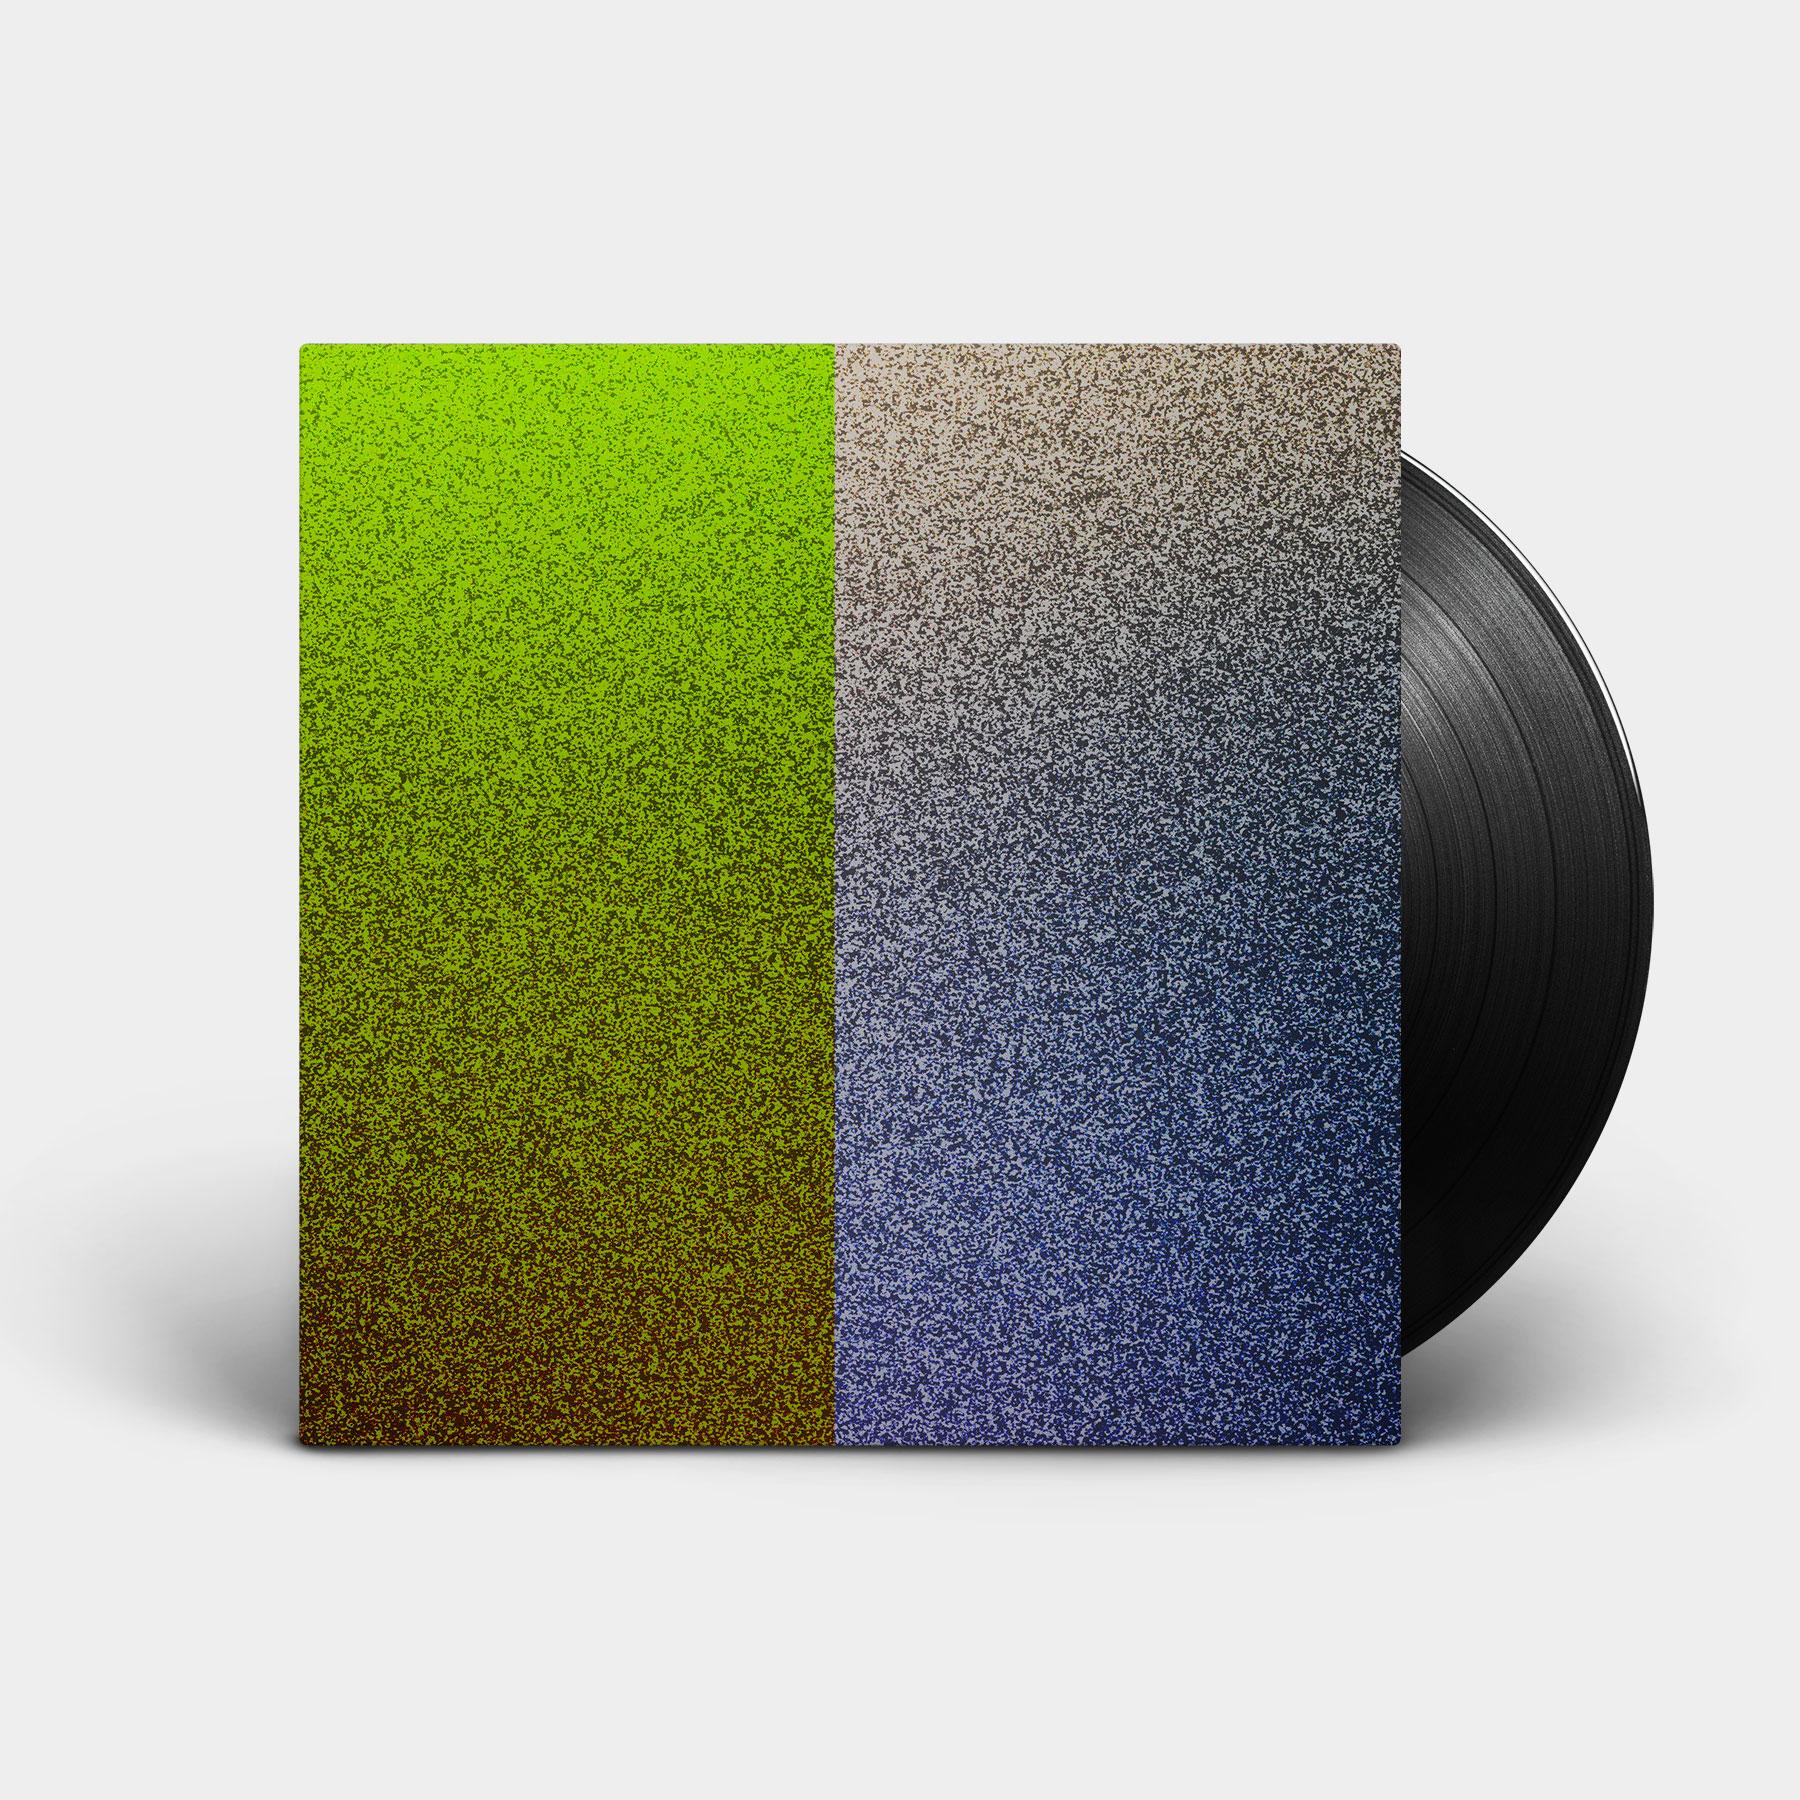 Vinyl-Cover-02